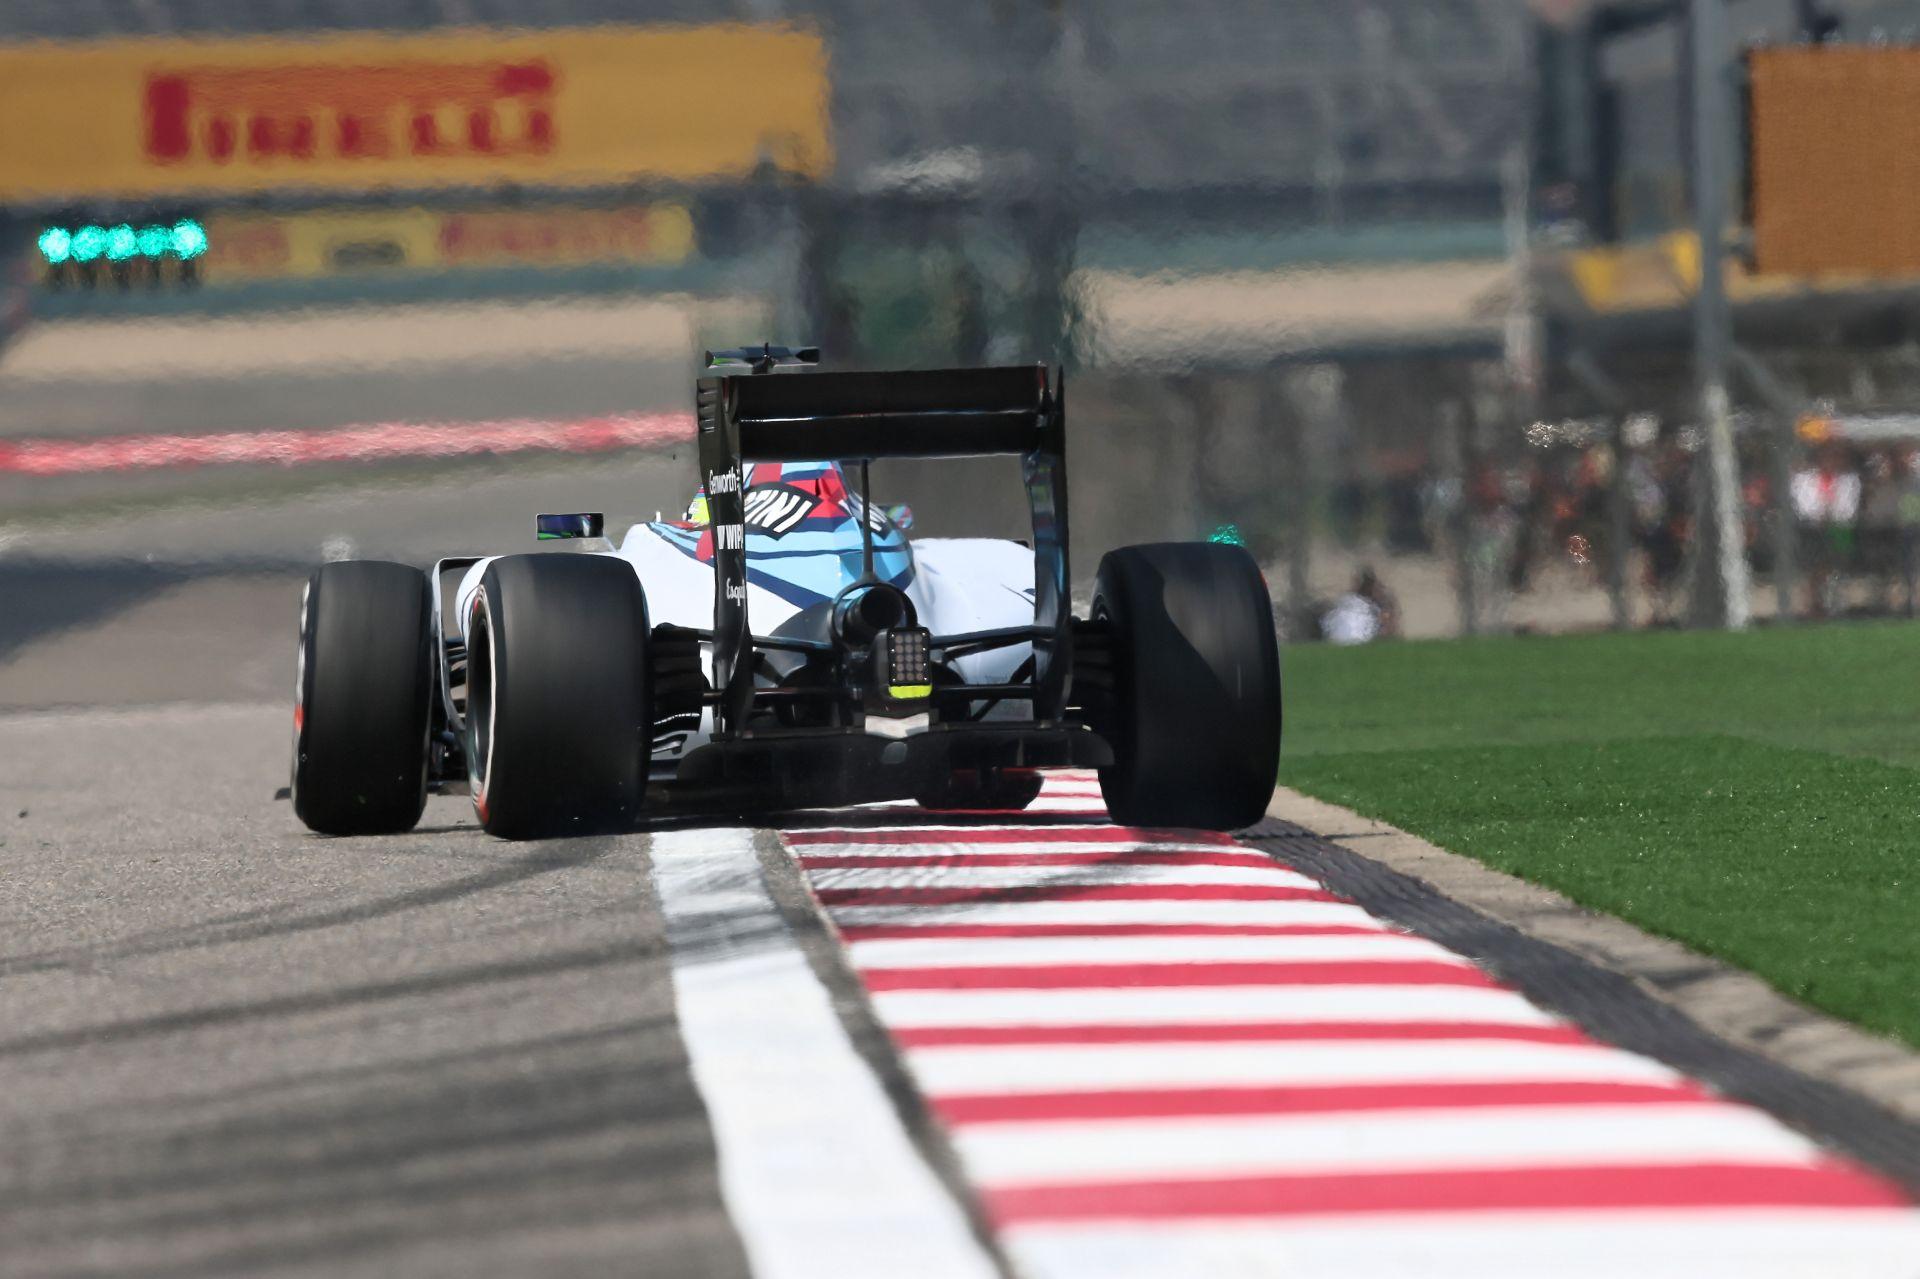 Massa & Bottas: Remélhetőleg holnap a Ferrarival harcolhatunk